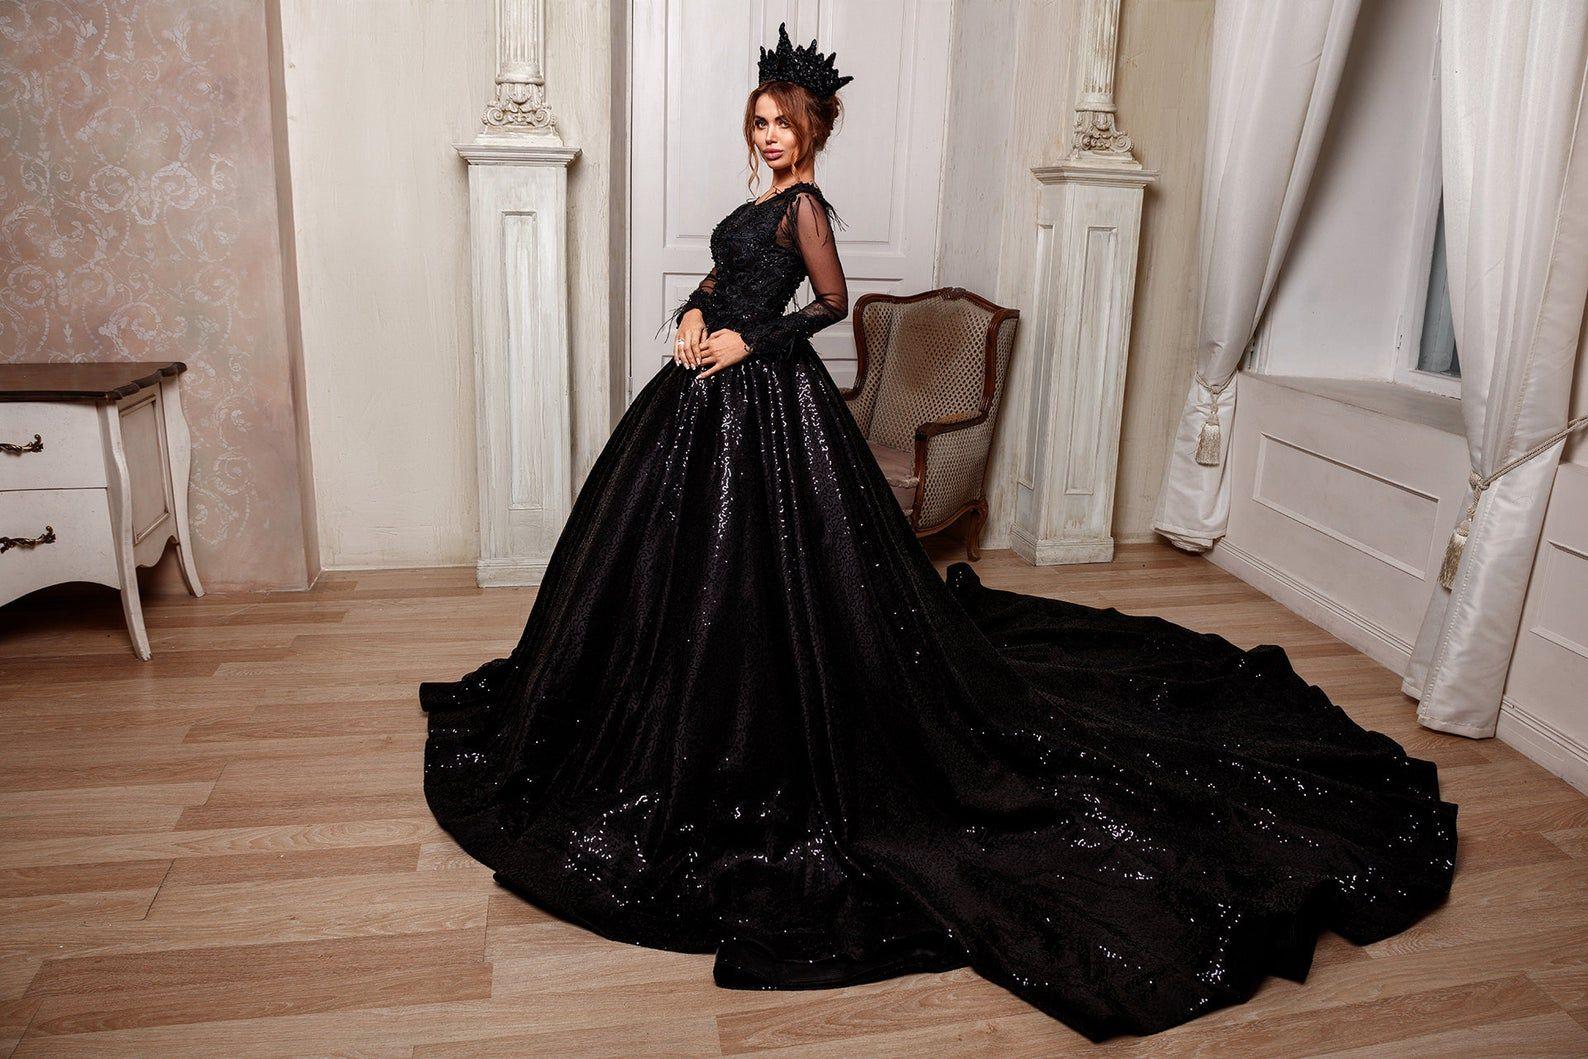 Big Salegothic Black Wedding Dress Ball Gown Crystal Etsy In 2021 Black Wedding Gowns Black Wedding Dress Gothic Black Wedding Dresses [ 1059 x 1588 Pixel ]